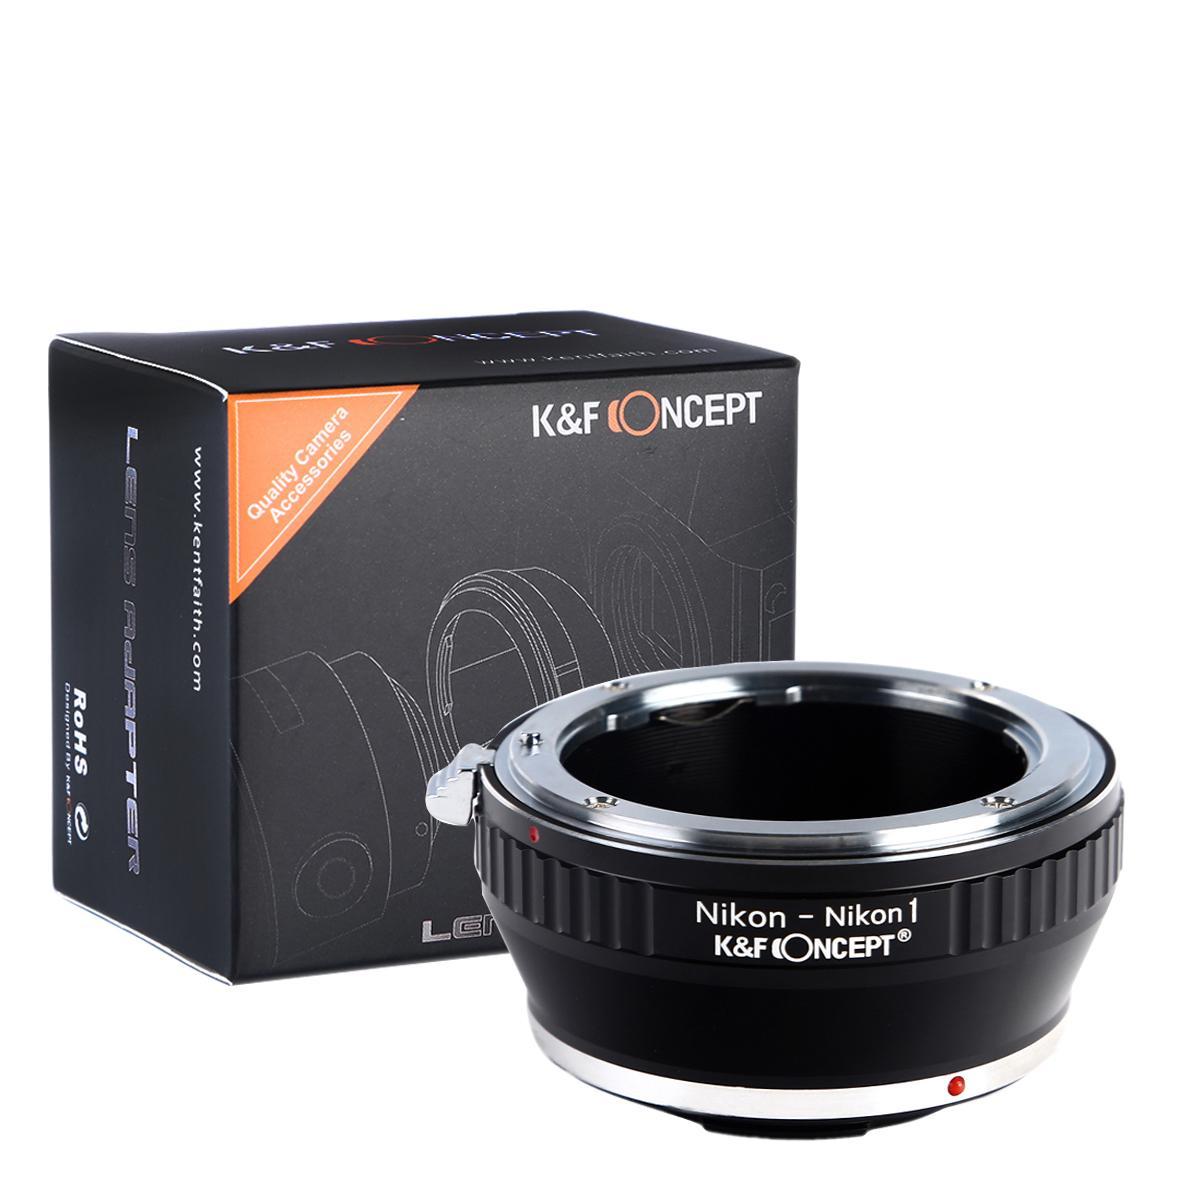 K&F M11201 Nikon F Lentes para Nikon 1 Adaptador de Montagem de Lente